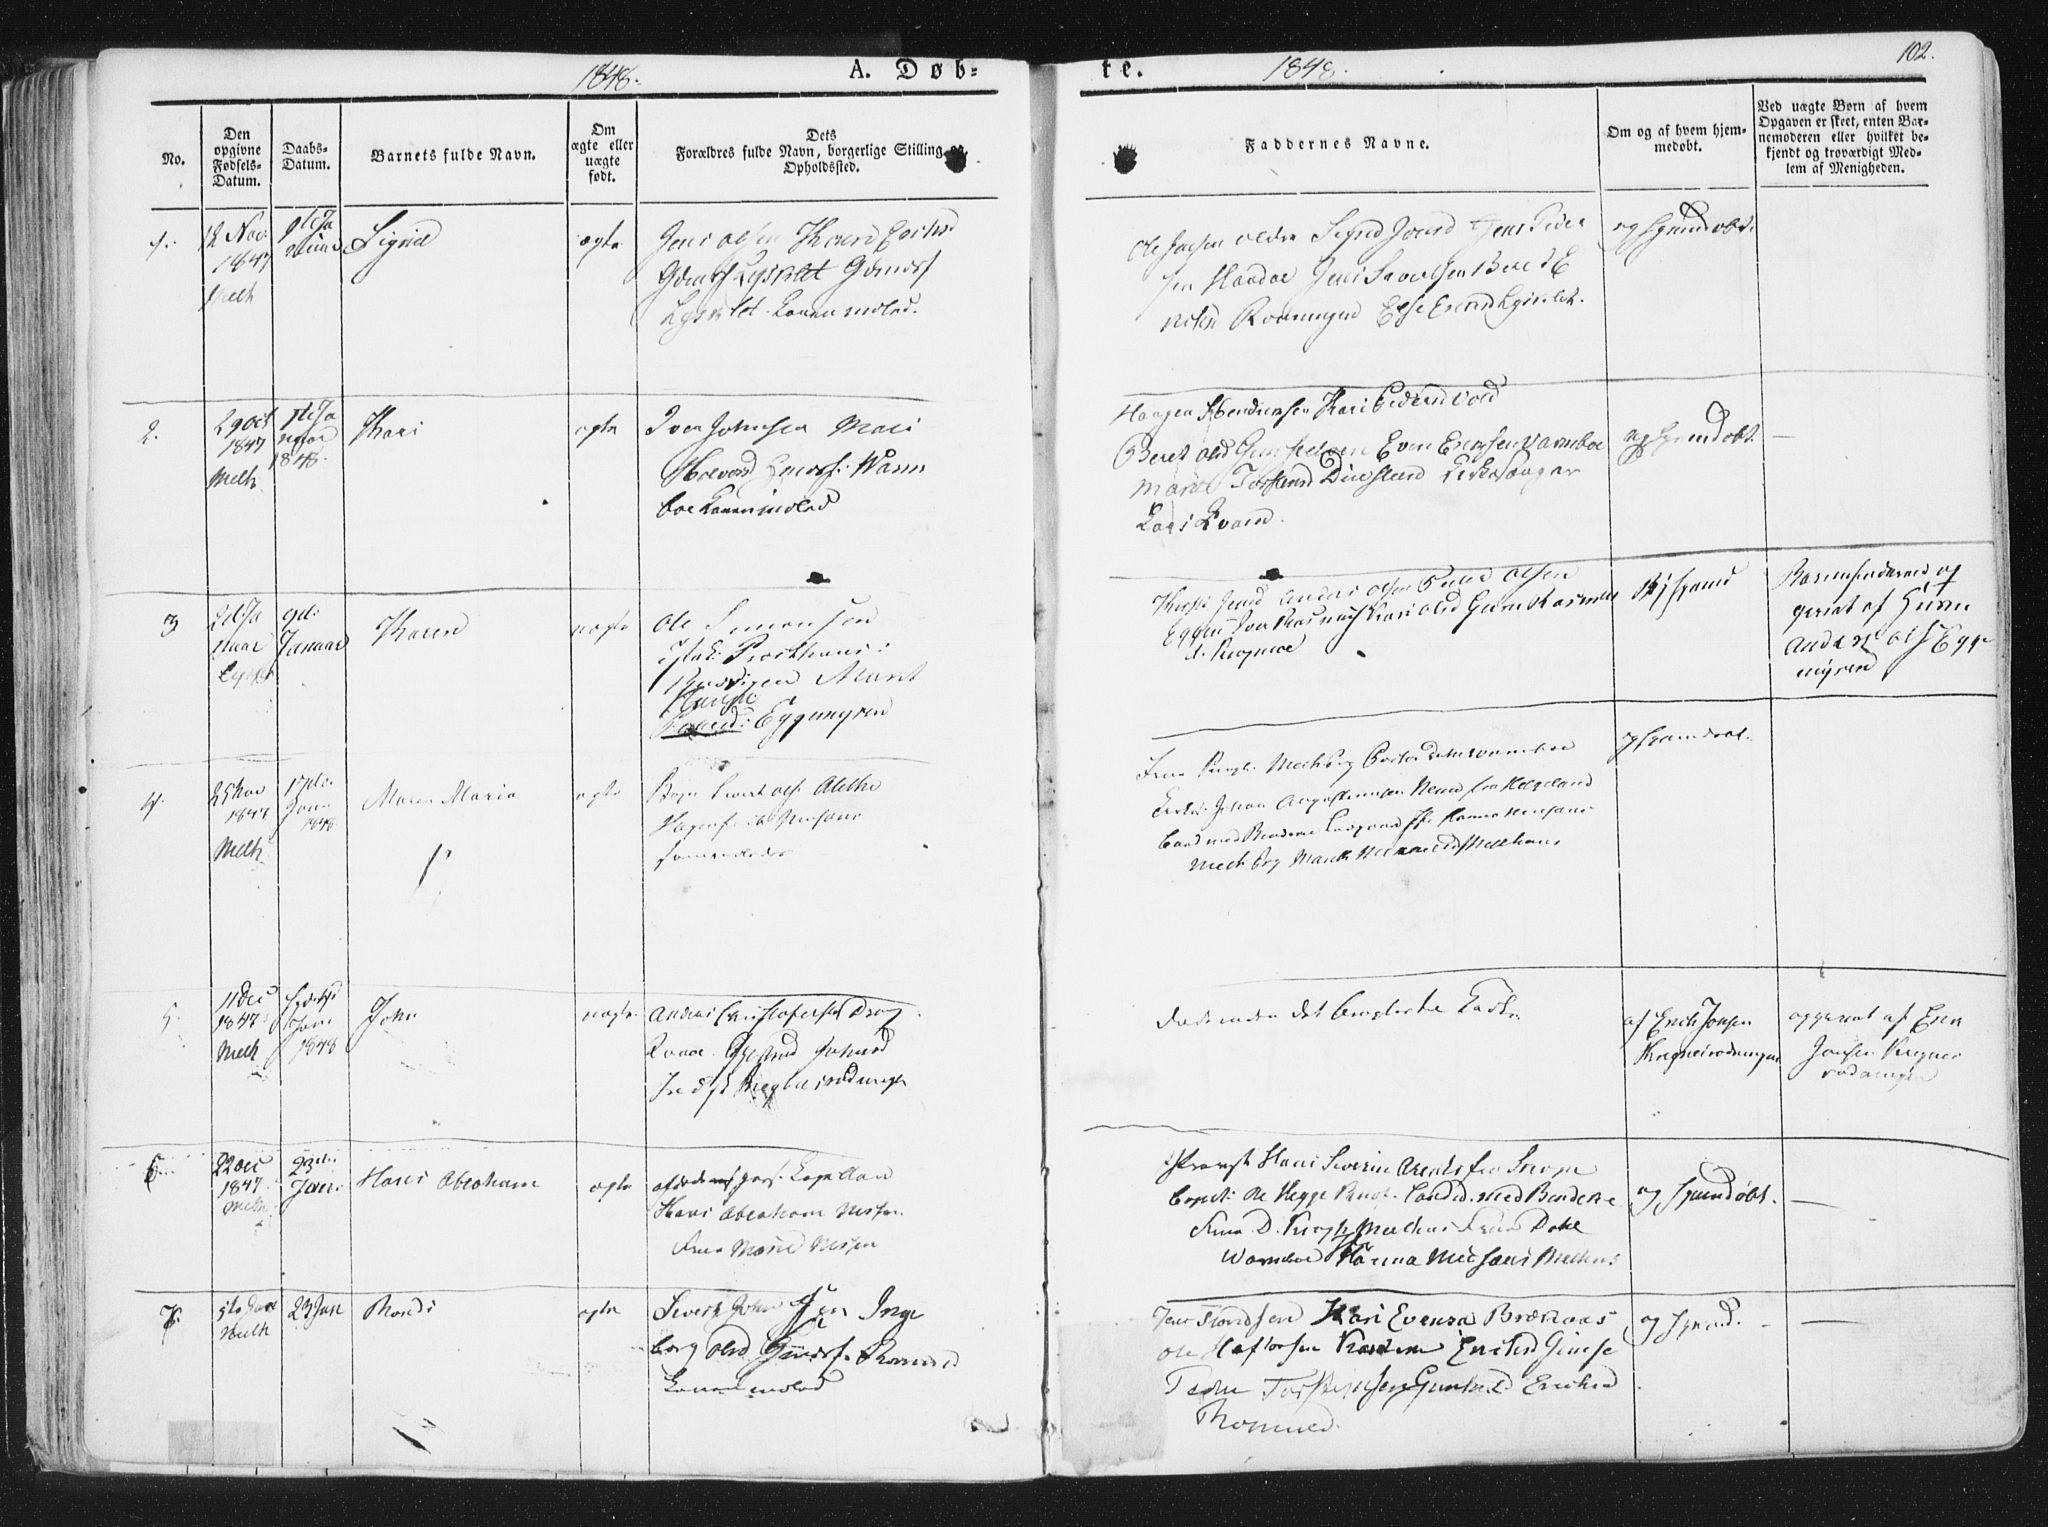 SAT, Ministerialprotokoller, klokkerbøker og fødselsregistre - Sør-Trøndelag, 691/L1074: Ministerialbok nr. 691A06, 1842-1852, s. 102